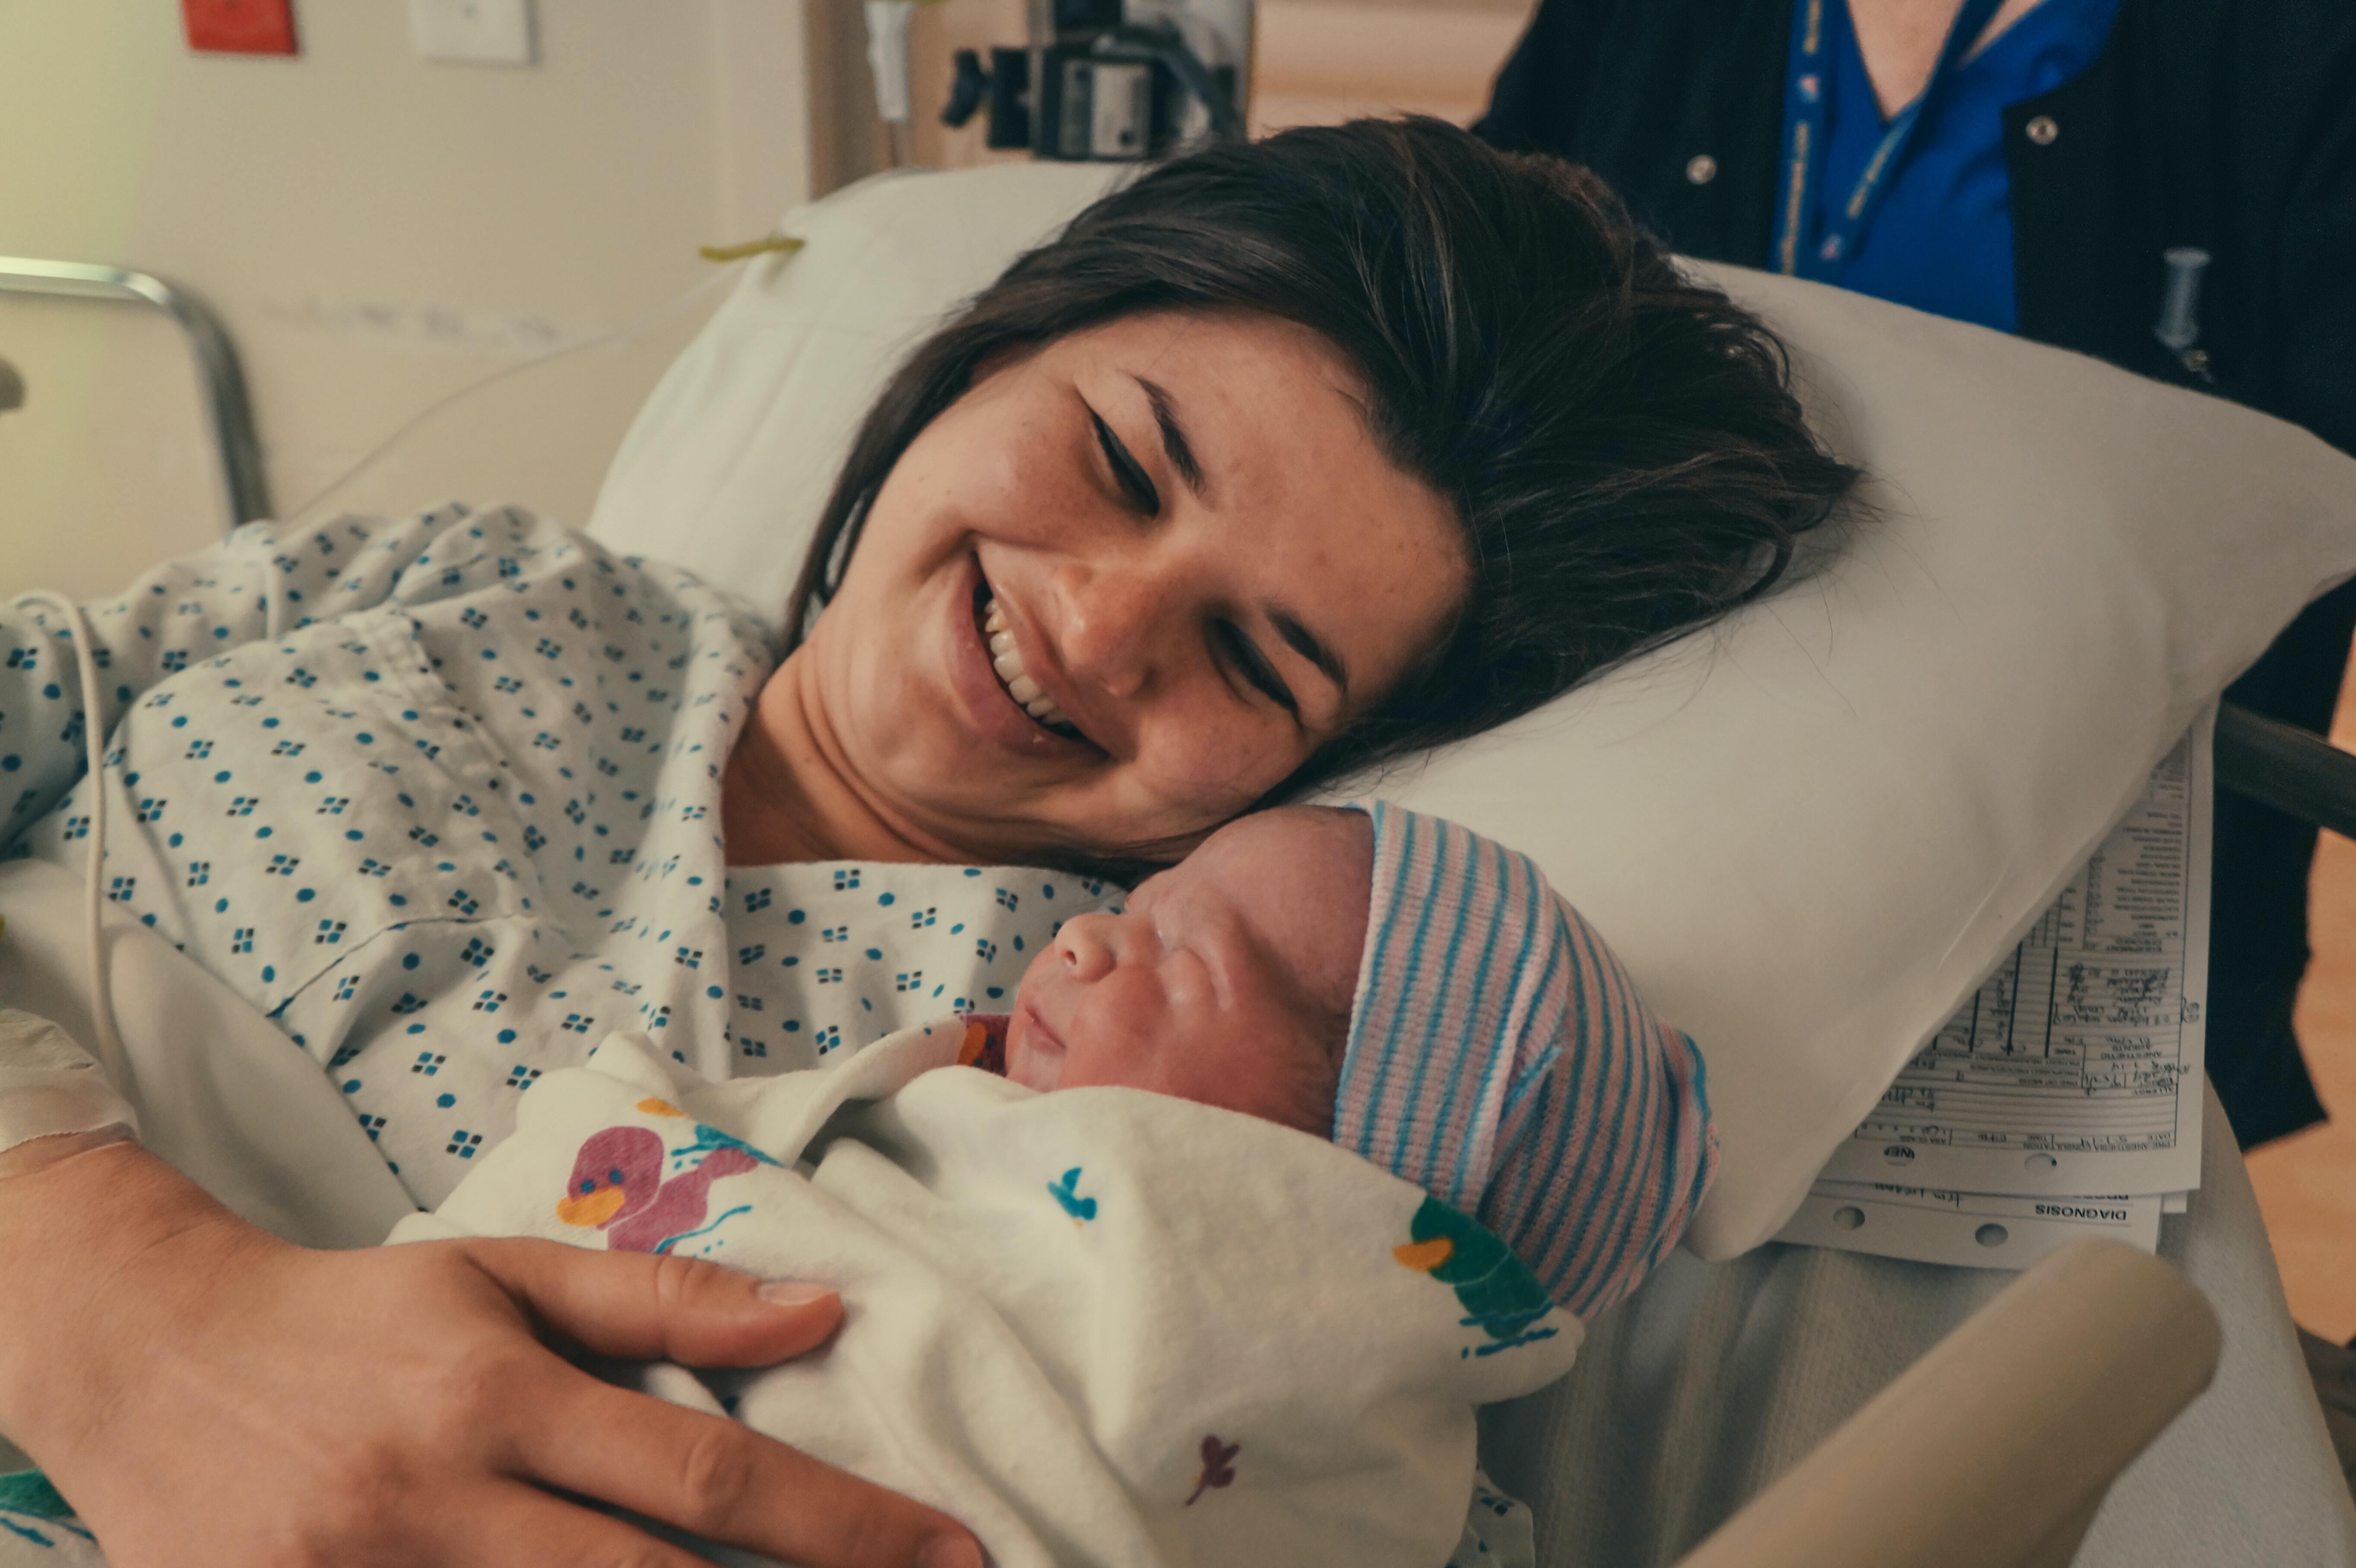 New mum holding her newborn baby